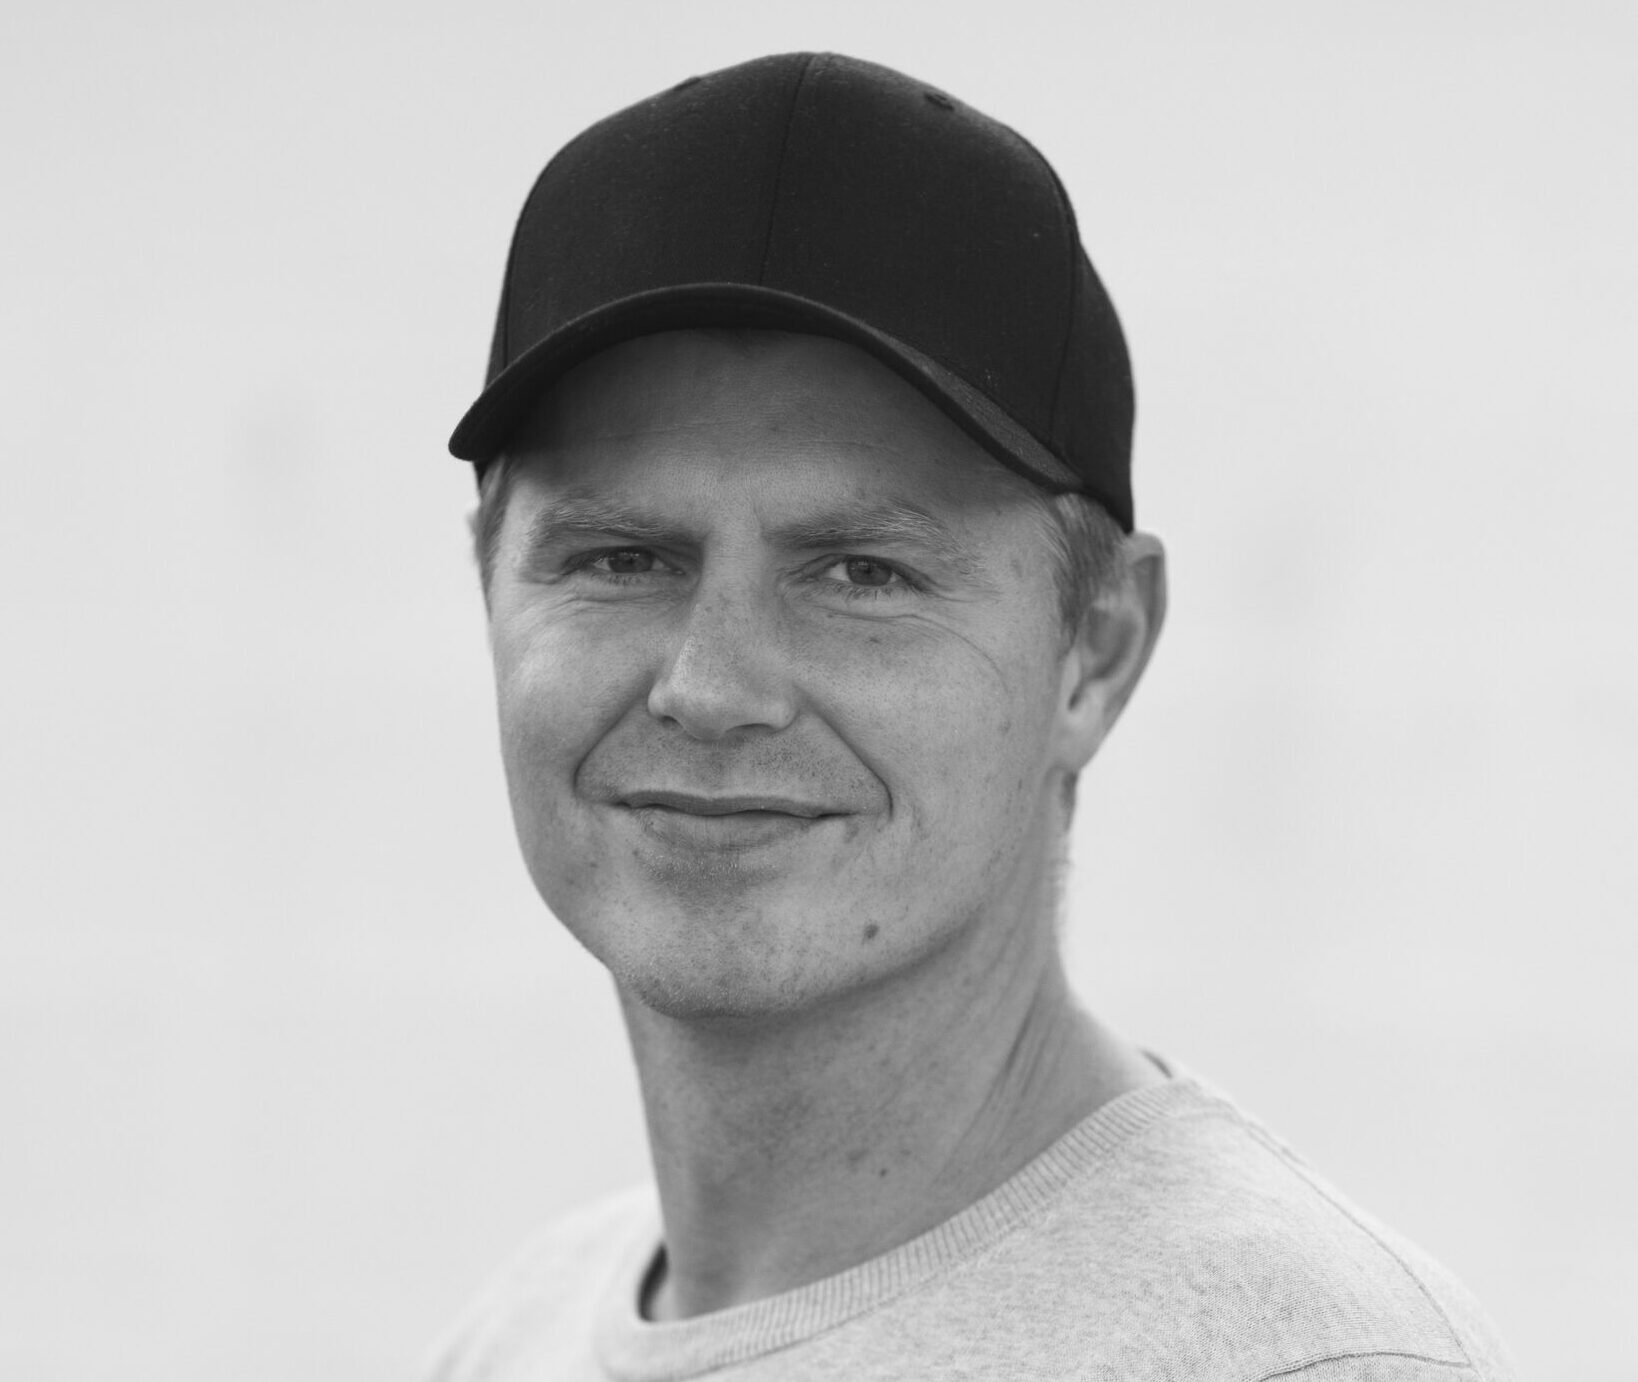 Daniel Louring Nielsen (1986)